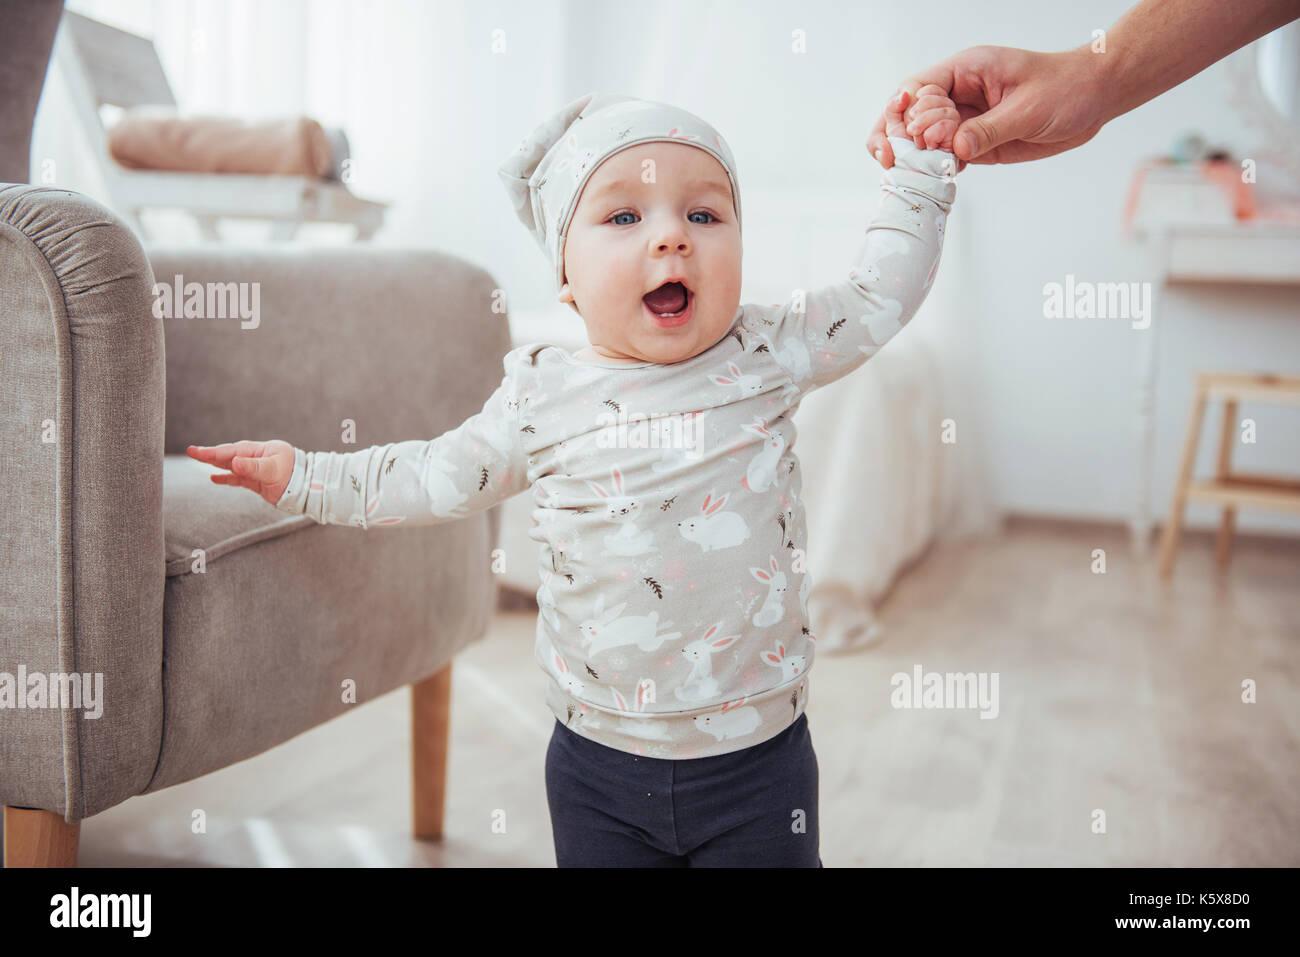 Silla de bebé feliz junto a una habitación luminosa Imagen De Stock